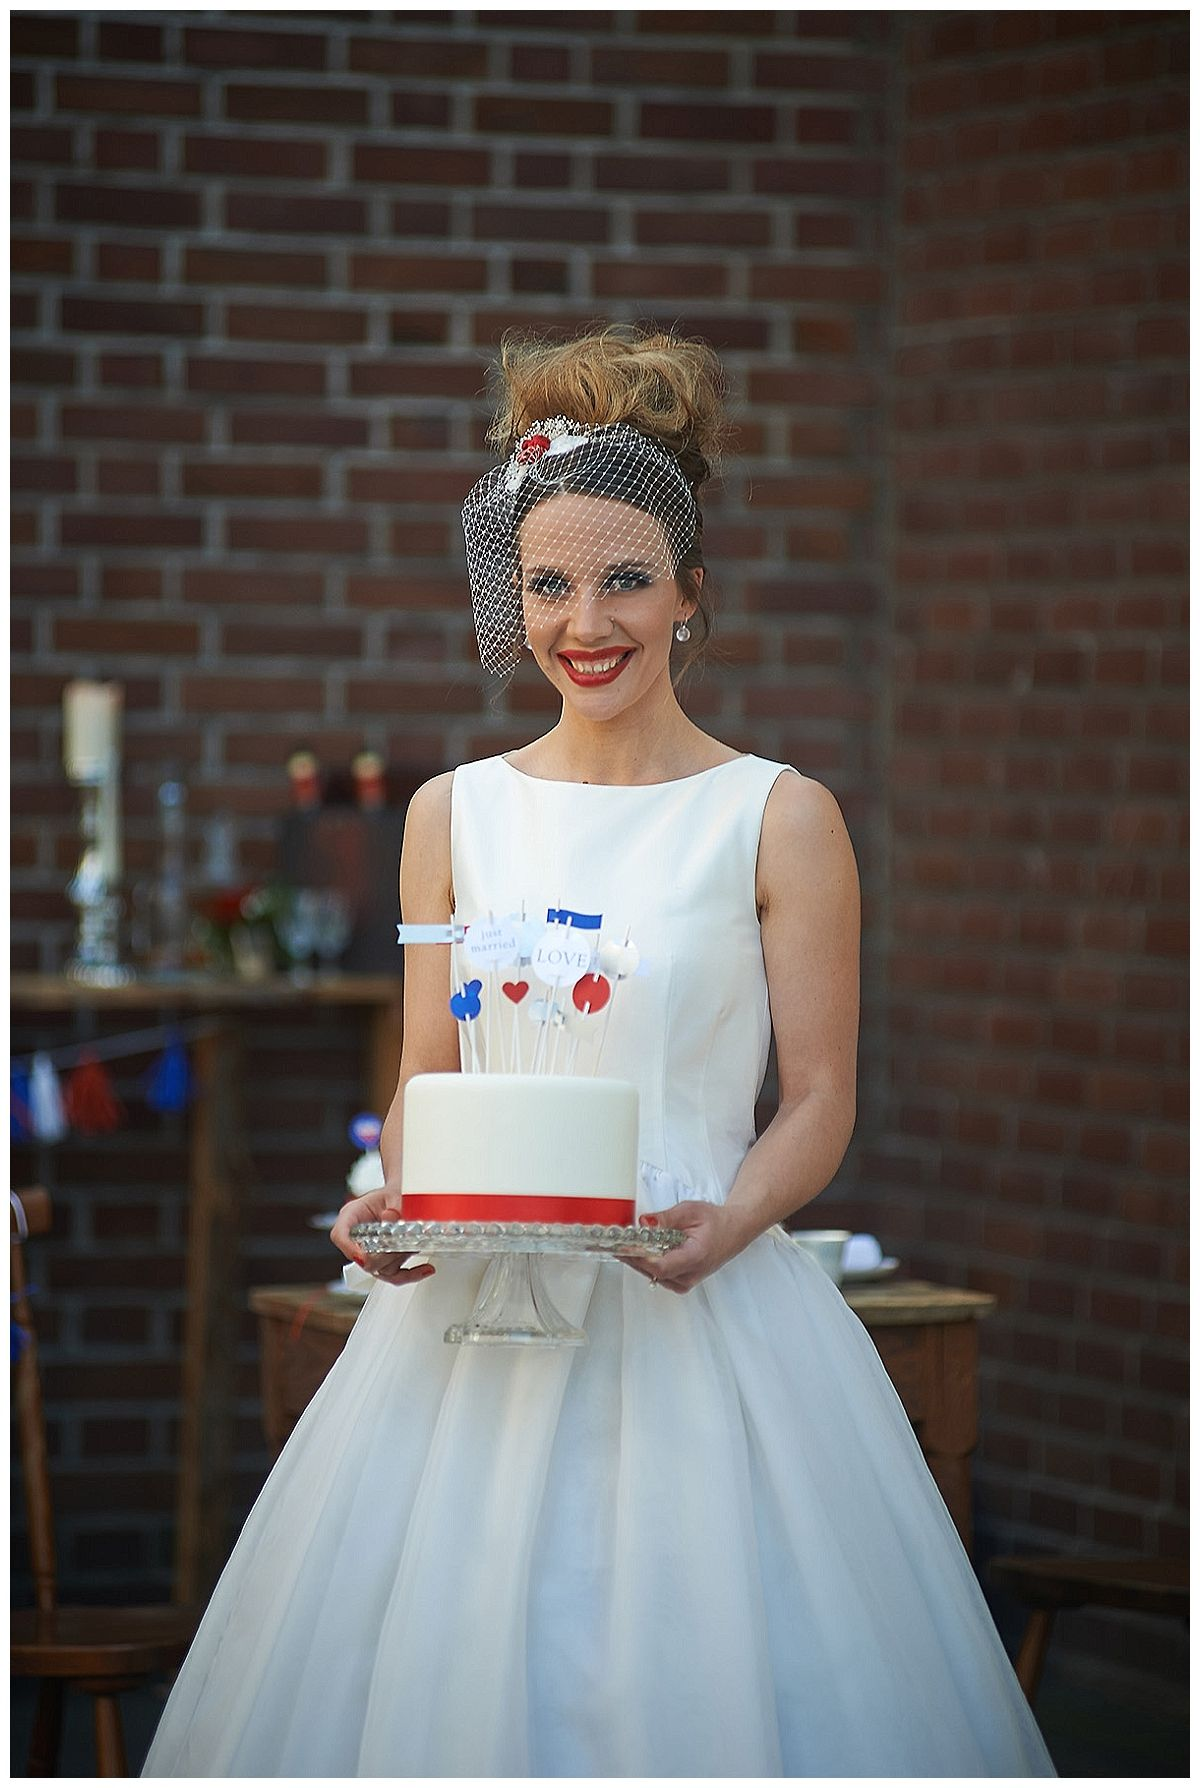 Hochzeit auf moderne englische Art - eine Inspiration aus der Garagenauffahrt | Verrueckt nach Hochzeit | Fotos: http://blog.verliebt-verlob...